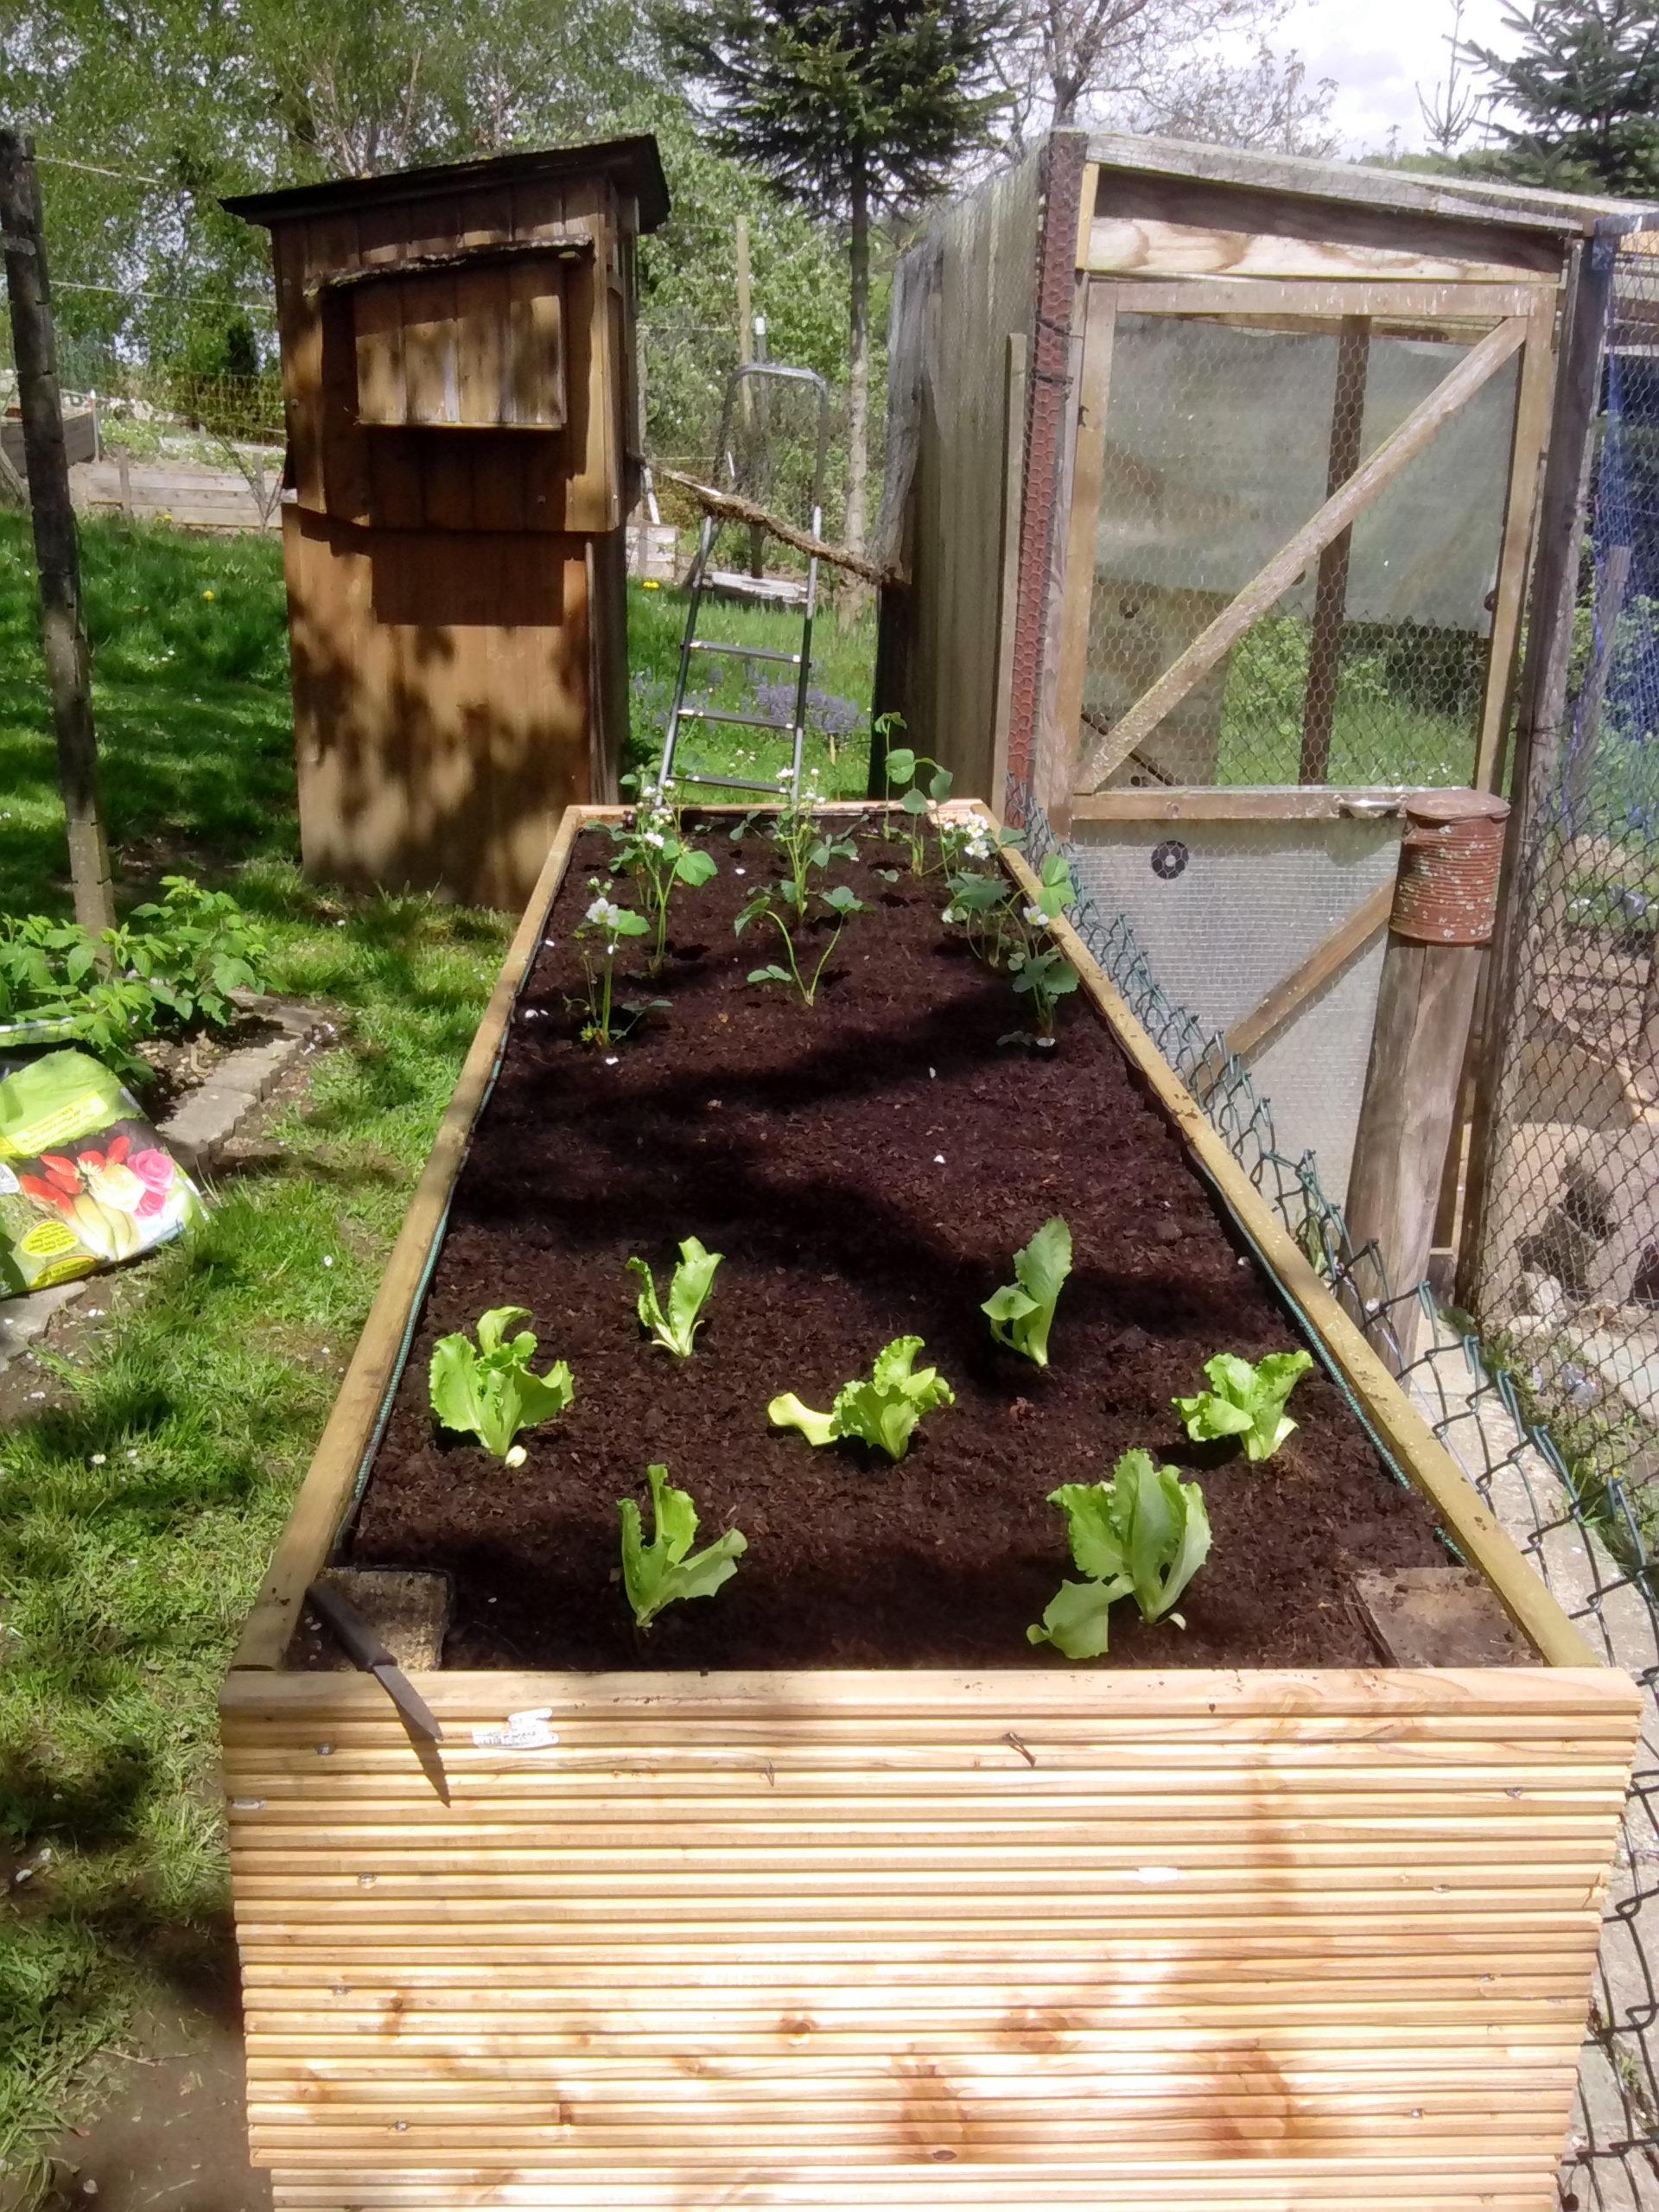 Erdbeeren, Salat, Karotten und Zwiebel wurden im Hochbeet gesetzt/gesät